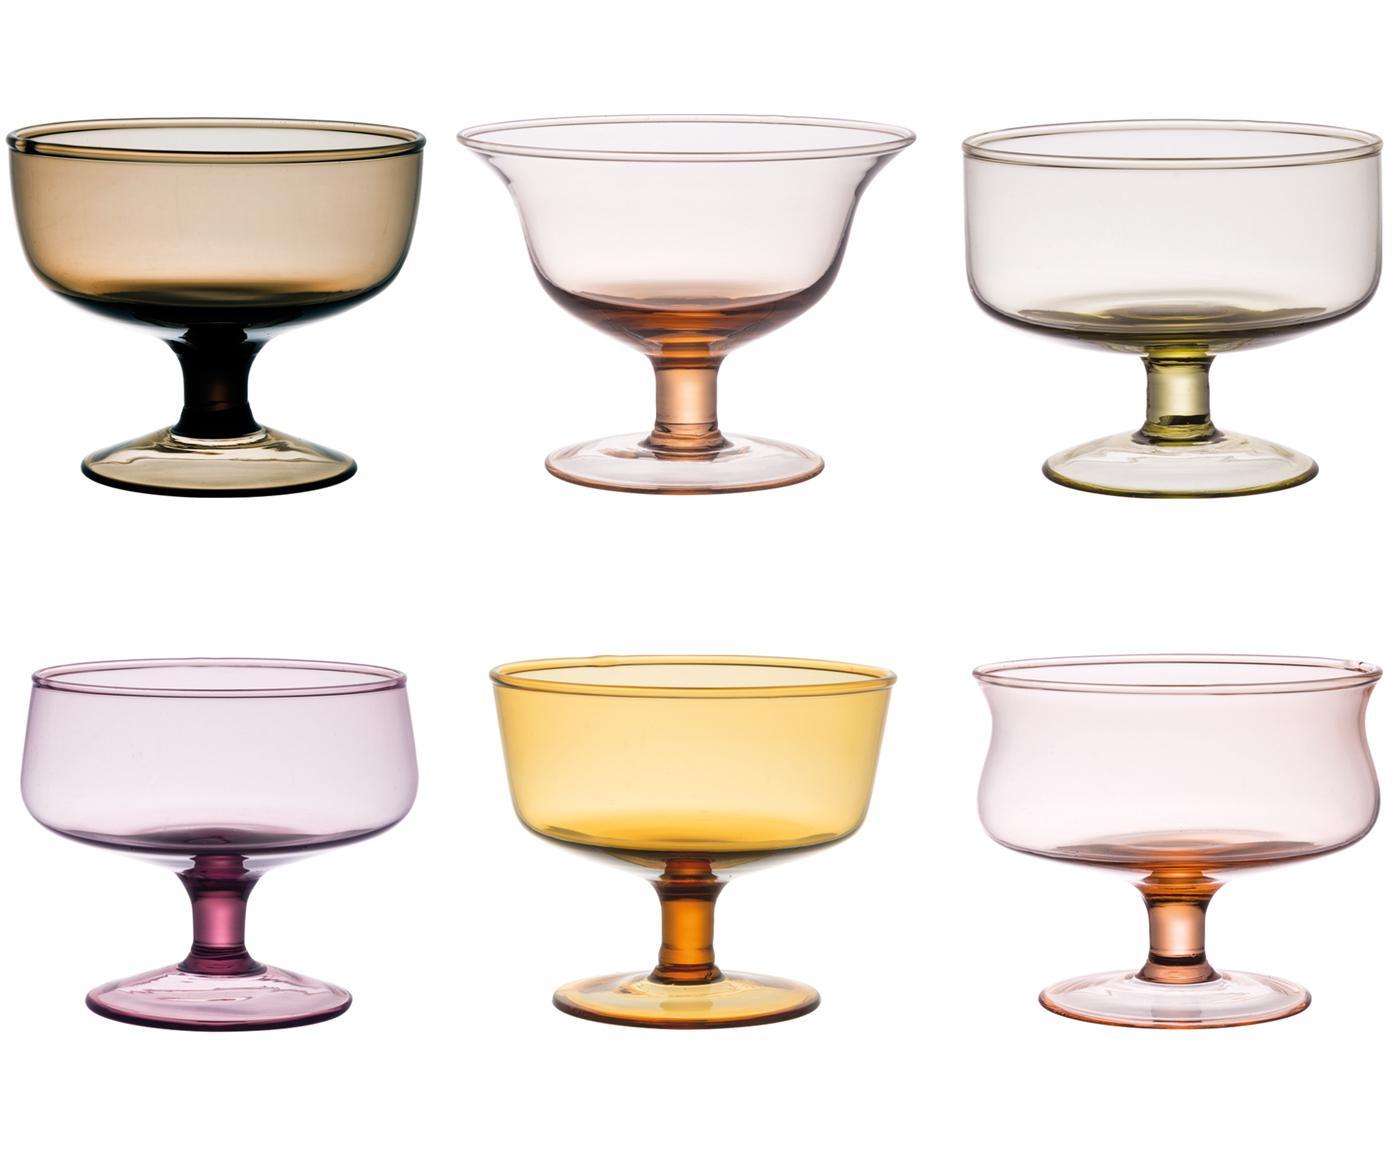 Mundgeblasenes Eisschälchen-Set Desigual, 6-tlg., Glas, mundgeblasen, Mehrfarbig, Ø 12 x H 8 cm